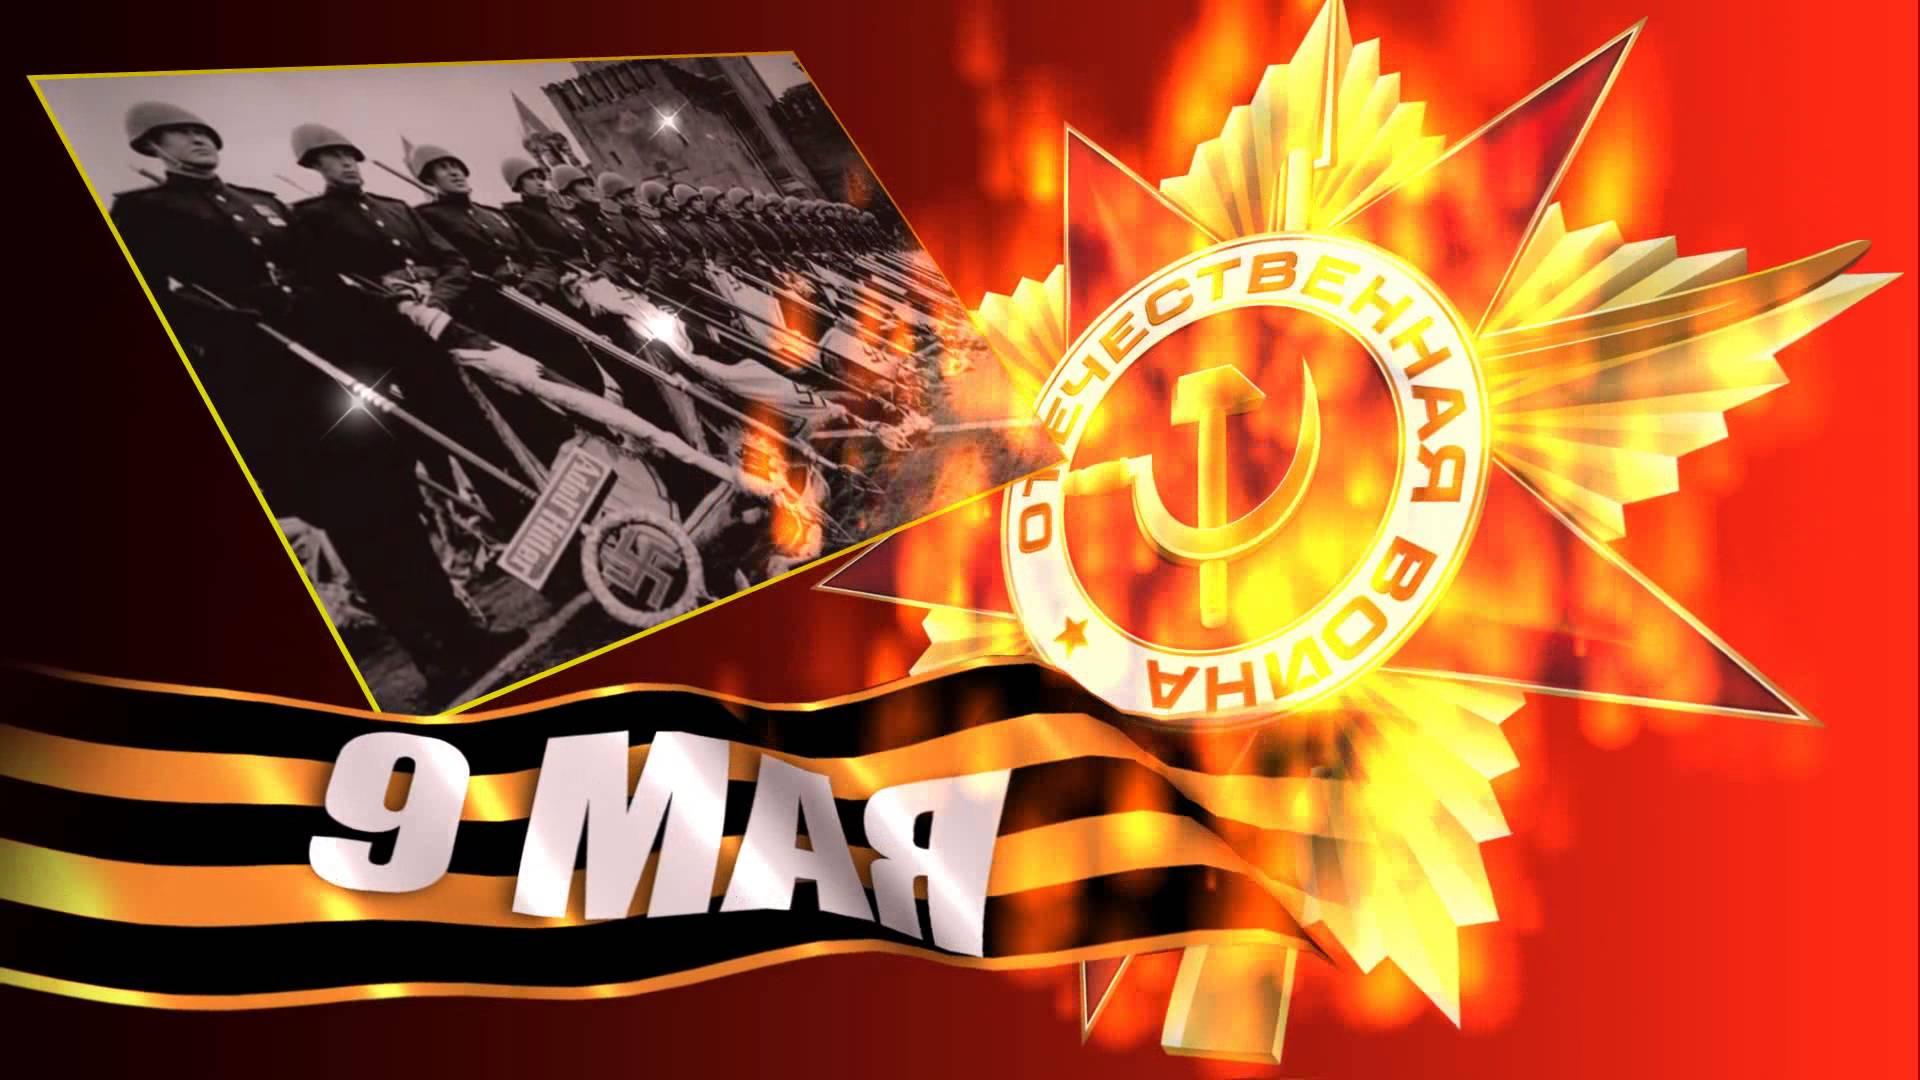 Празднование Дня 71-ой годовщины Великой Победы 9 Мая!